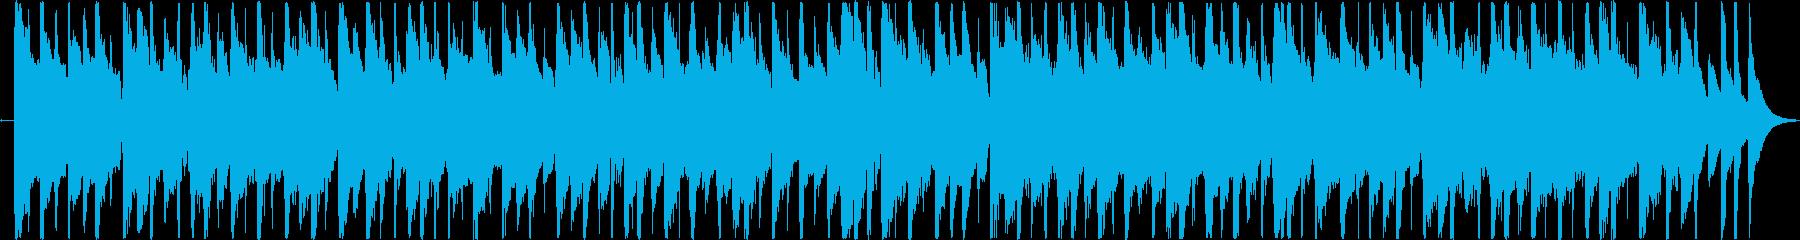 楽しくコミカルなBGM(30ver)の再生済みの波形